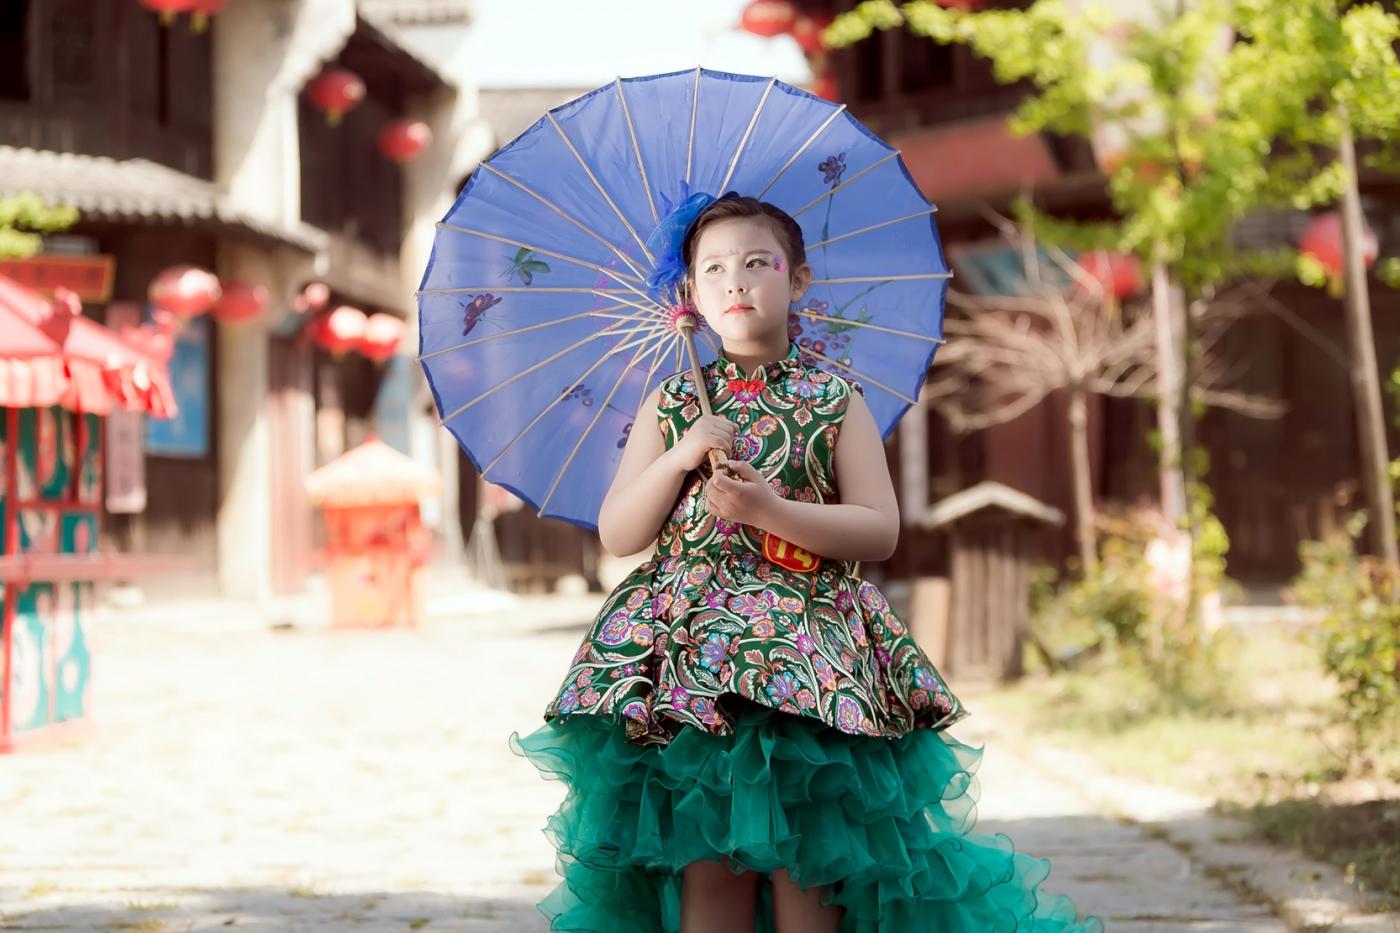 沂蒙娃娃穿上礼服走上show台 有个女孩特别萌 礼仪就要从娃娃抓起 ..._图1-14